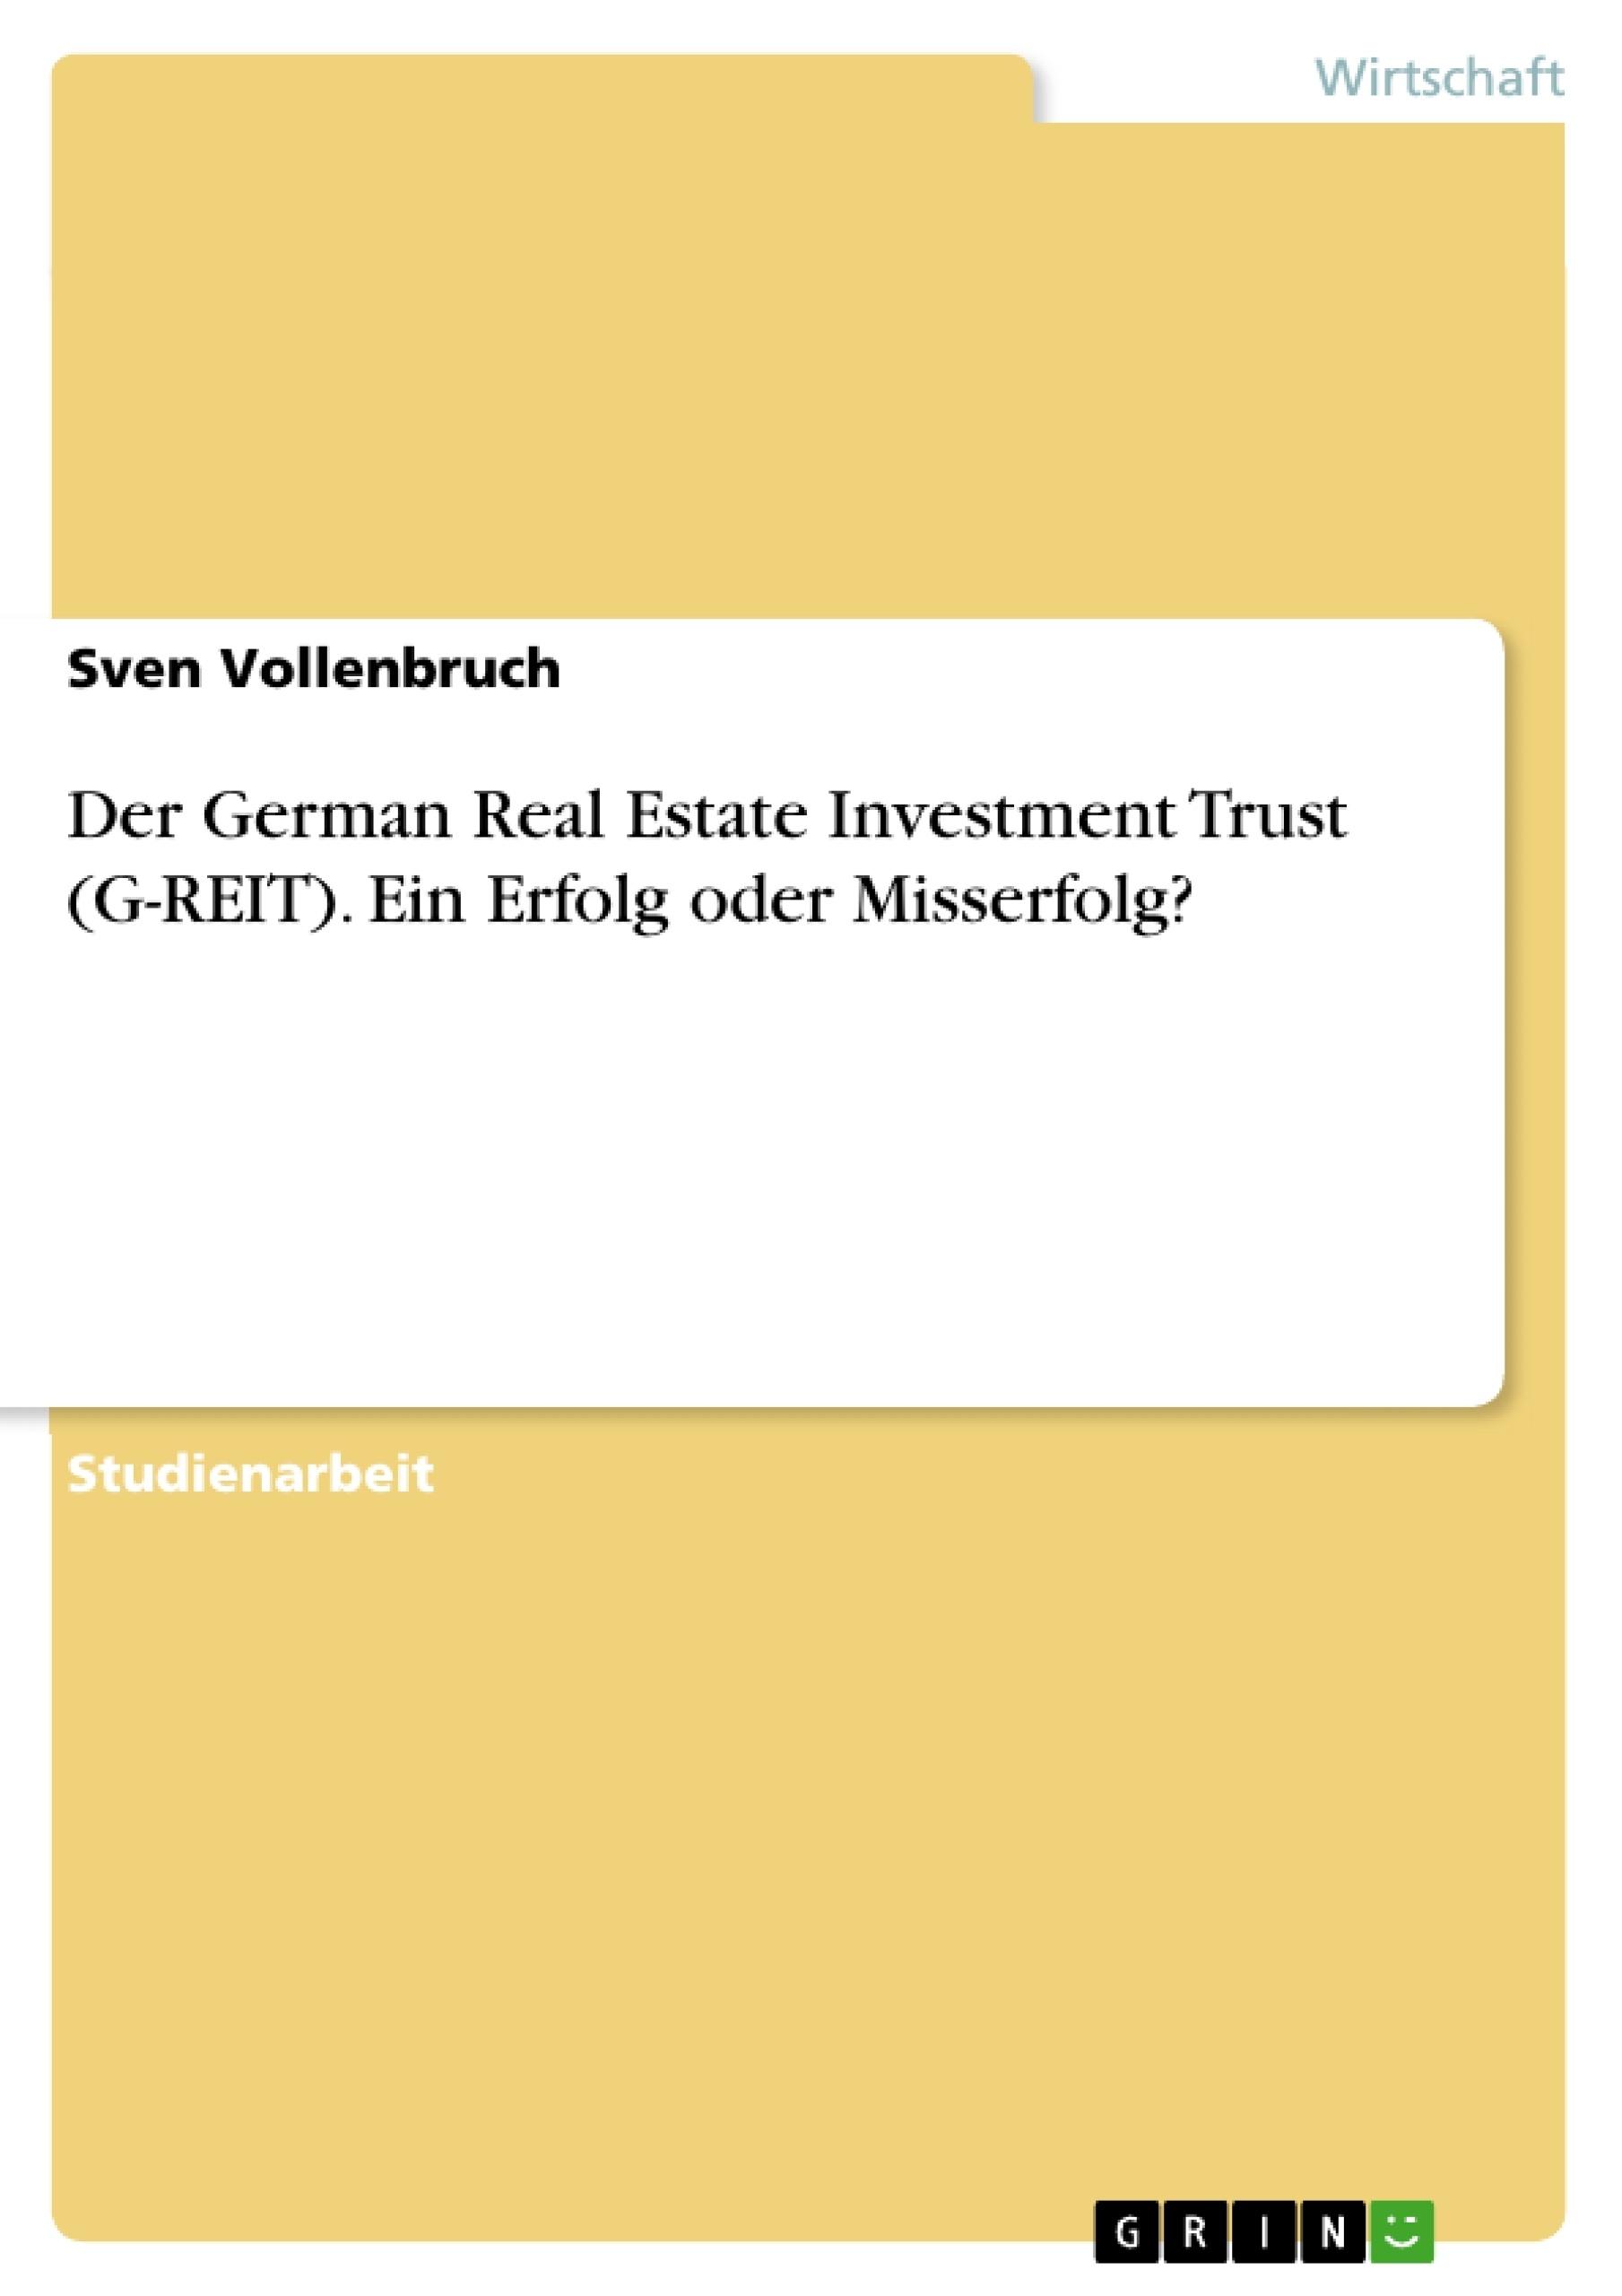 Titel: Der German Real Estate Investment Trust (G-REIT). Ein Erfolg oder Misserfolg?